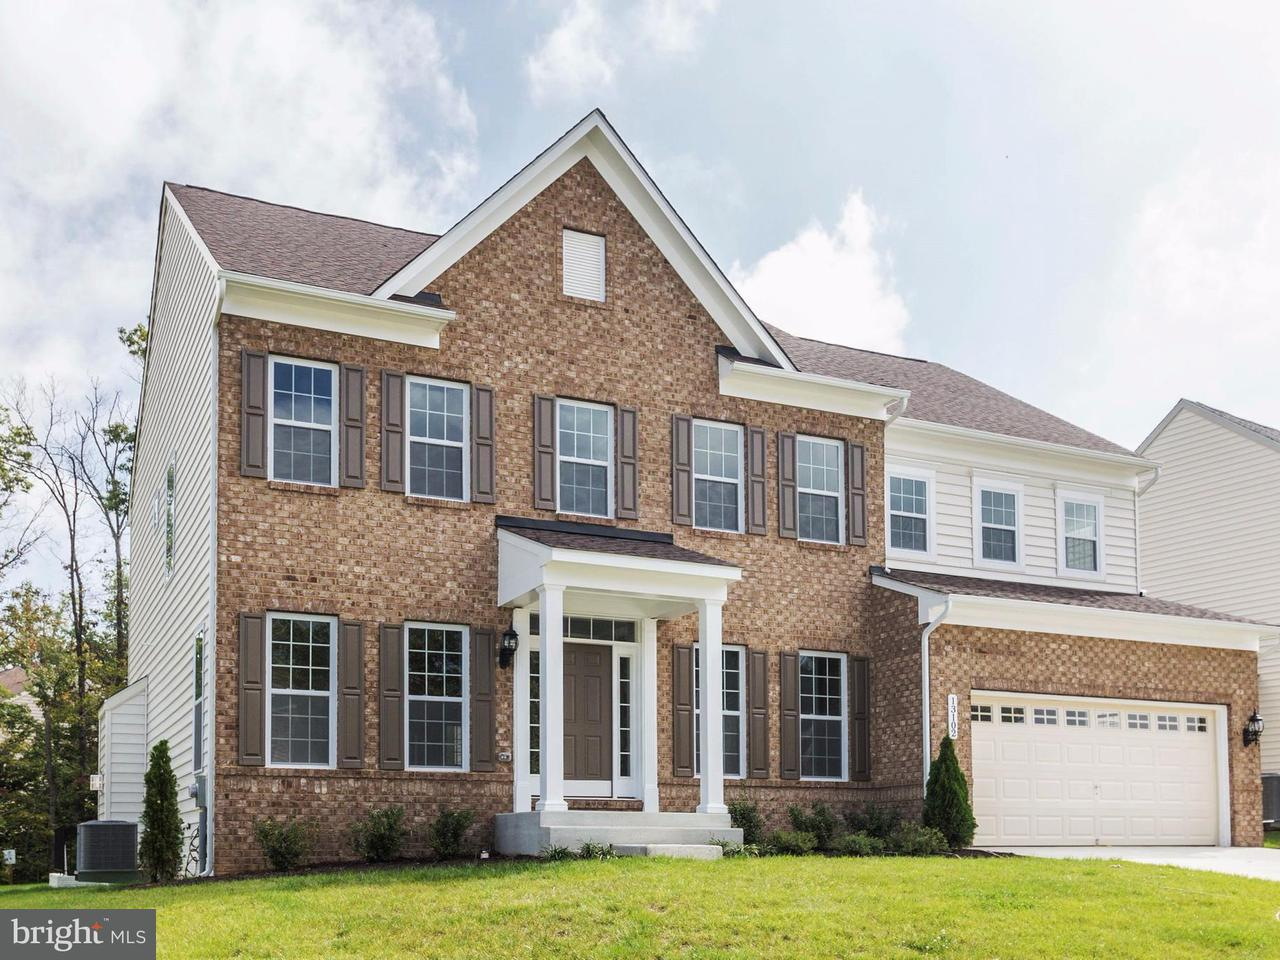 Maison unifamiliale pour l Vente à 13102 OLD LIBERTY Lane 13102 OLD LIBERTY Lane Brandywine, Maryland 20613 États-Unis